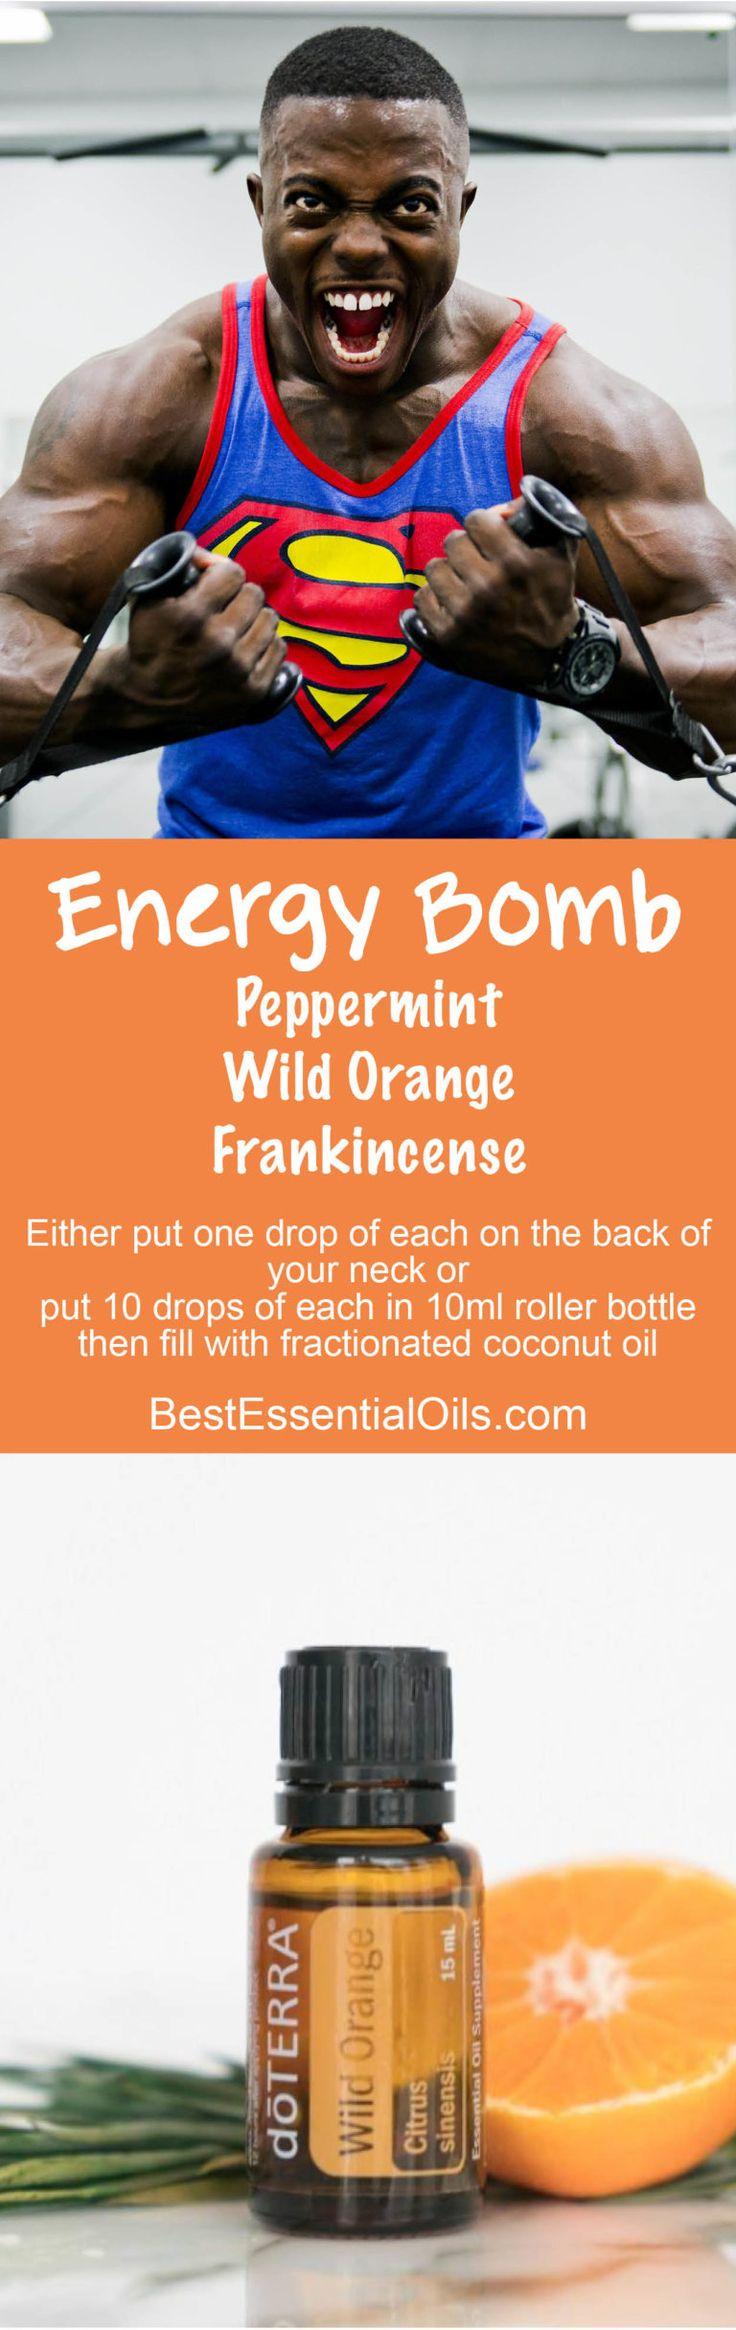 doTERRA Energy Bomb Recipe